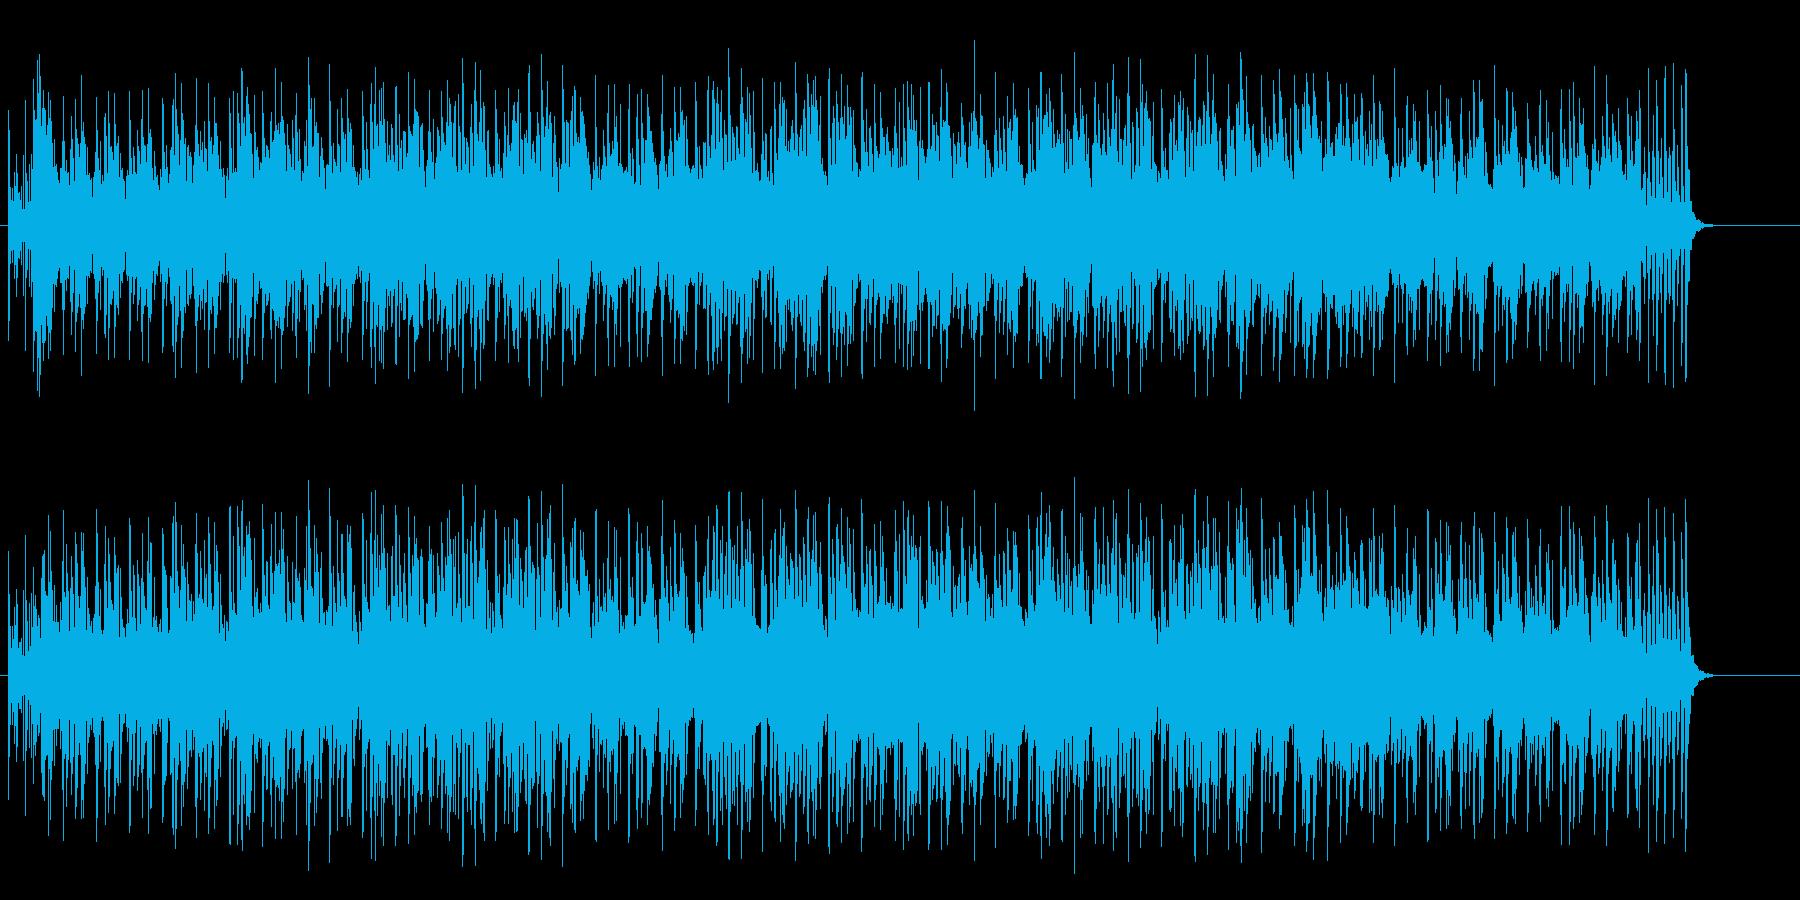 不思議でコミカルなワールド系ポップ/BGの再生済みの波形